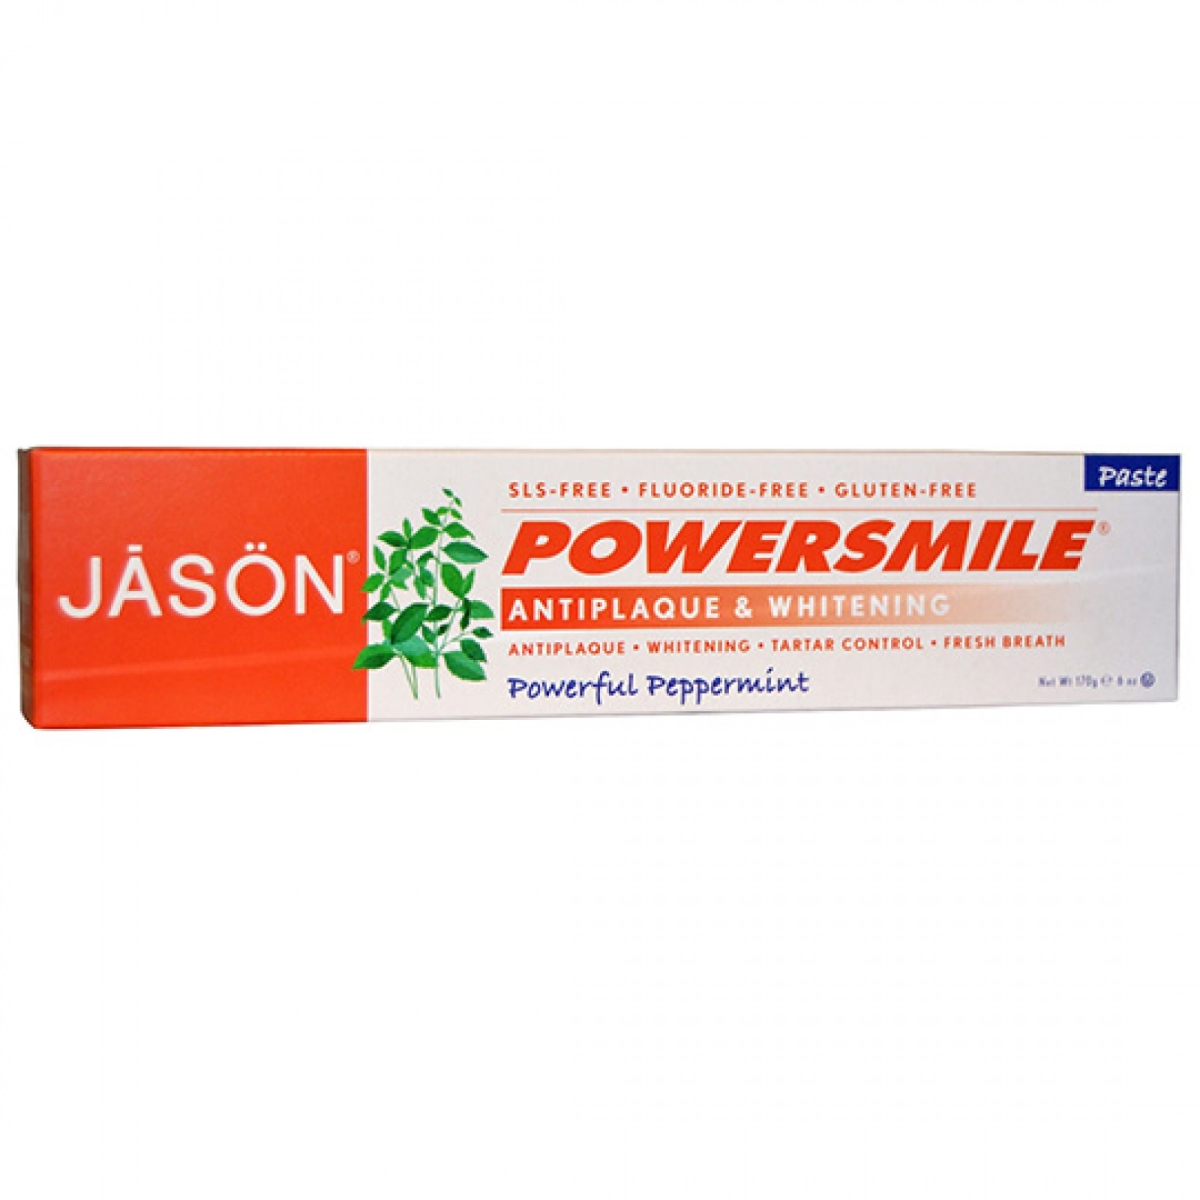 Frontier 230288 3 oz Jason Powersmile Whitening Fluoride - Free Toothpaste